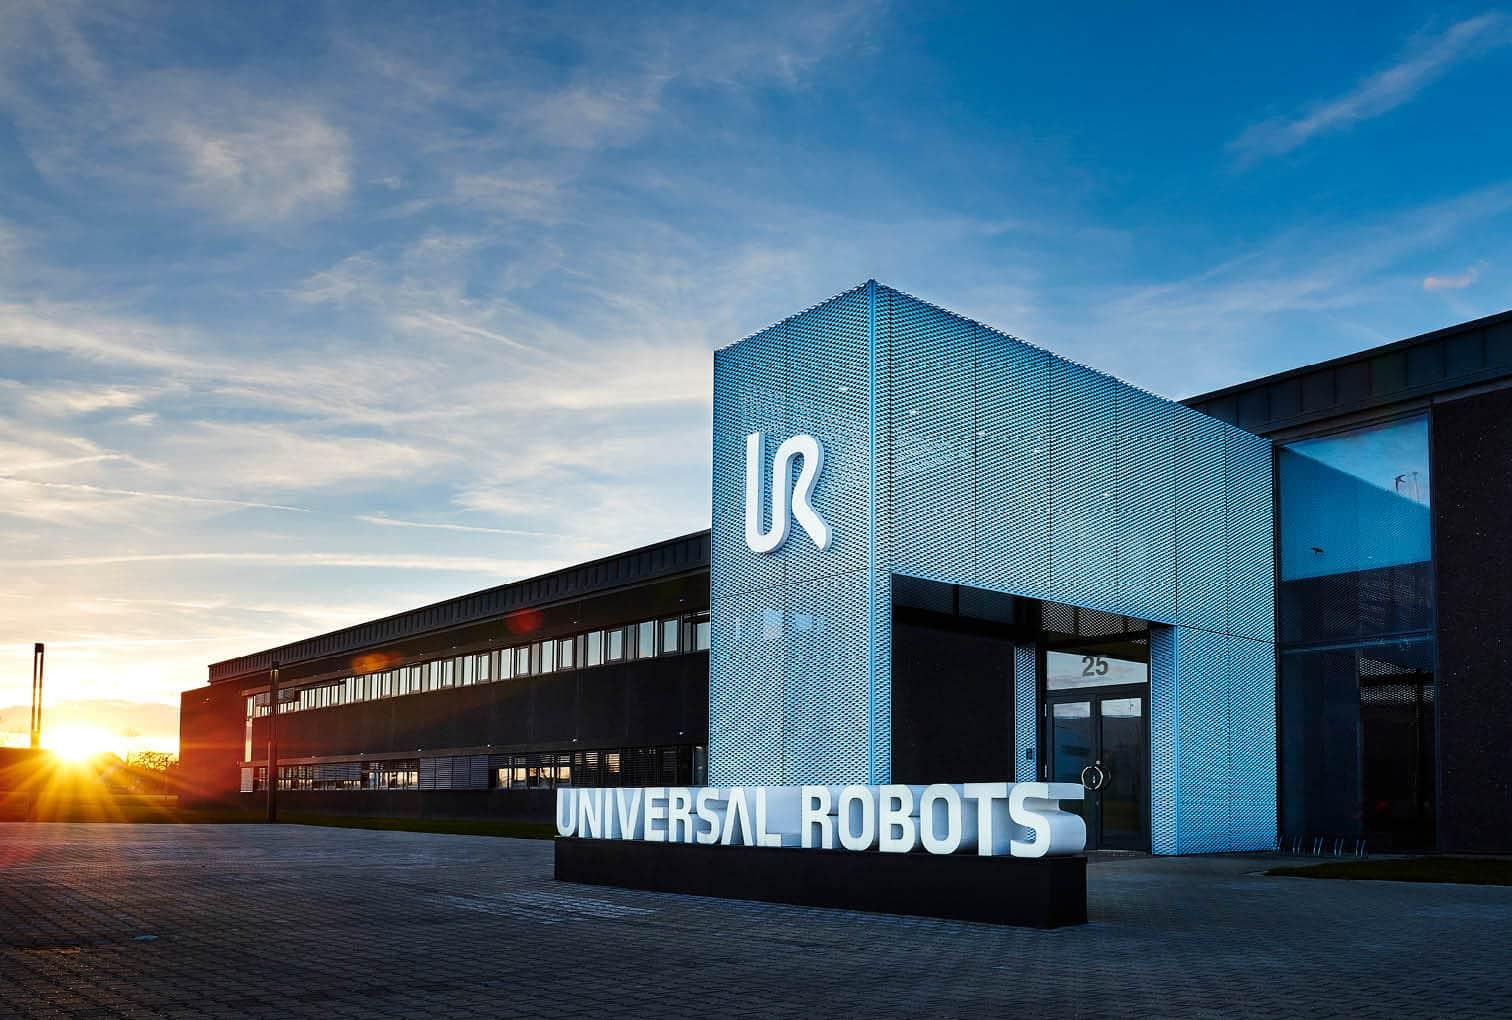 Universal Robots Palletizing, UR CAP, Cobots, Collaborative Robots, OPC UA Universal Robots, Pally palletizing, cobot software, Palletizing software, Software Industry 4.0, Rocketfarm Software, Automation software, UR Cap developer